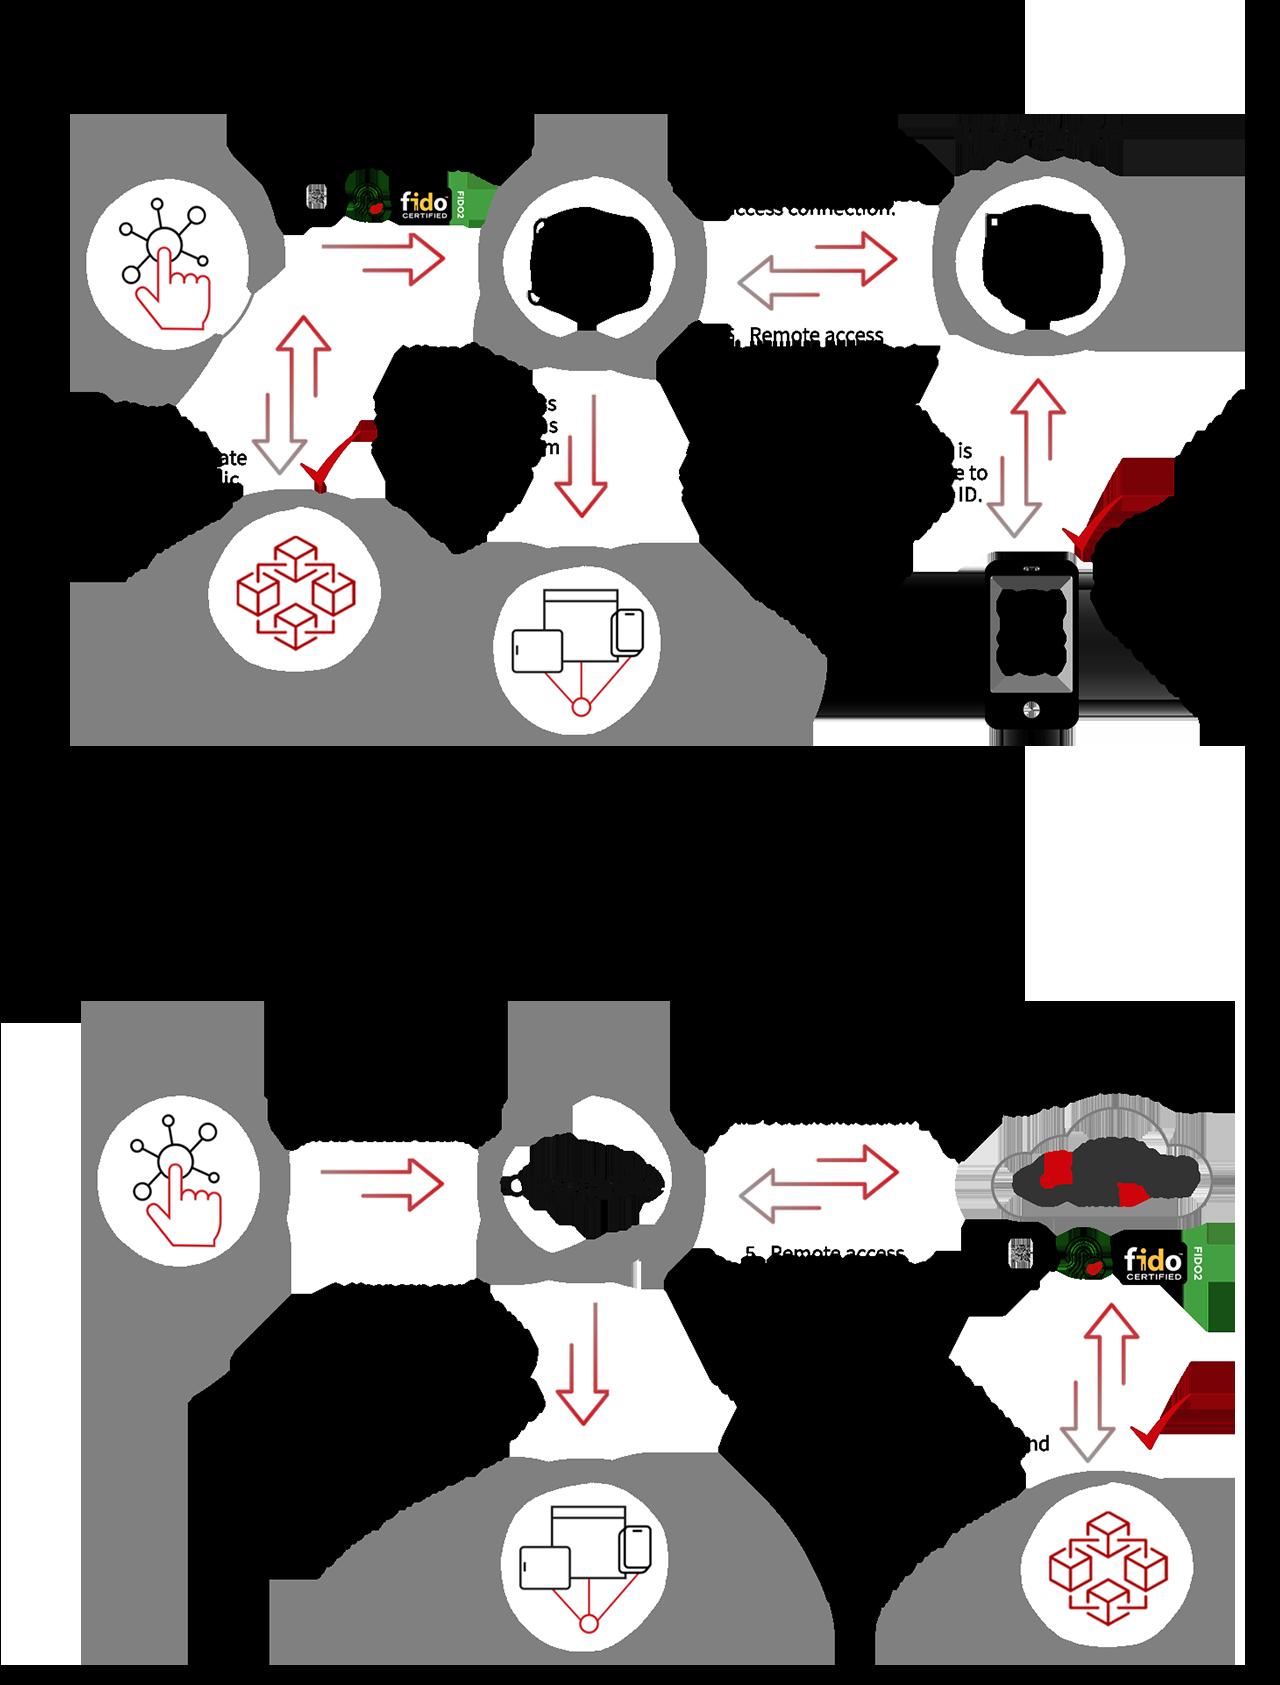 applegate diagram scenario 1 and 2